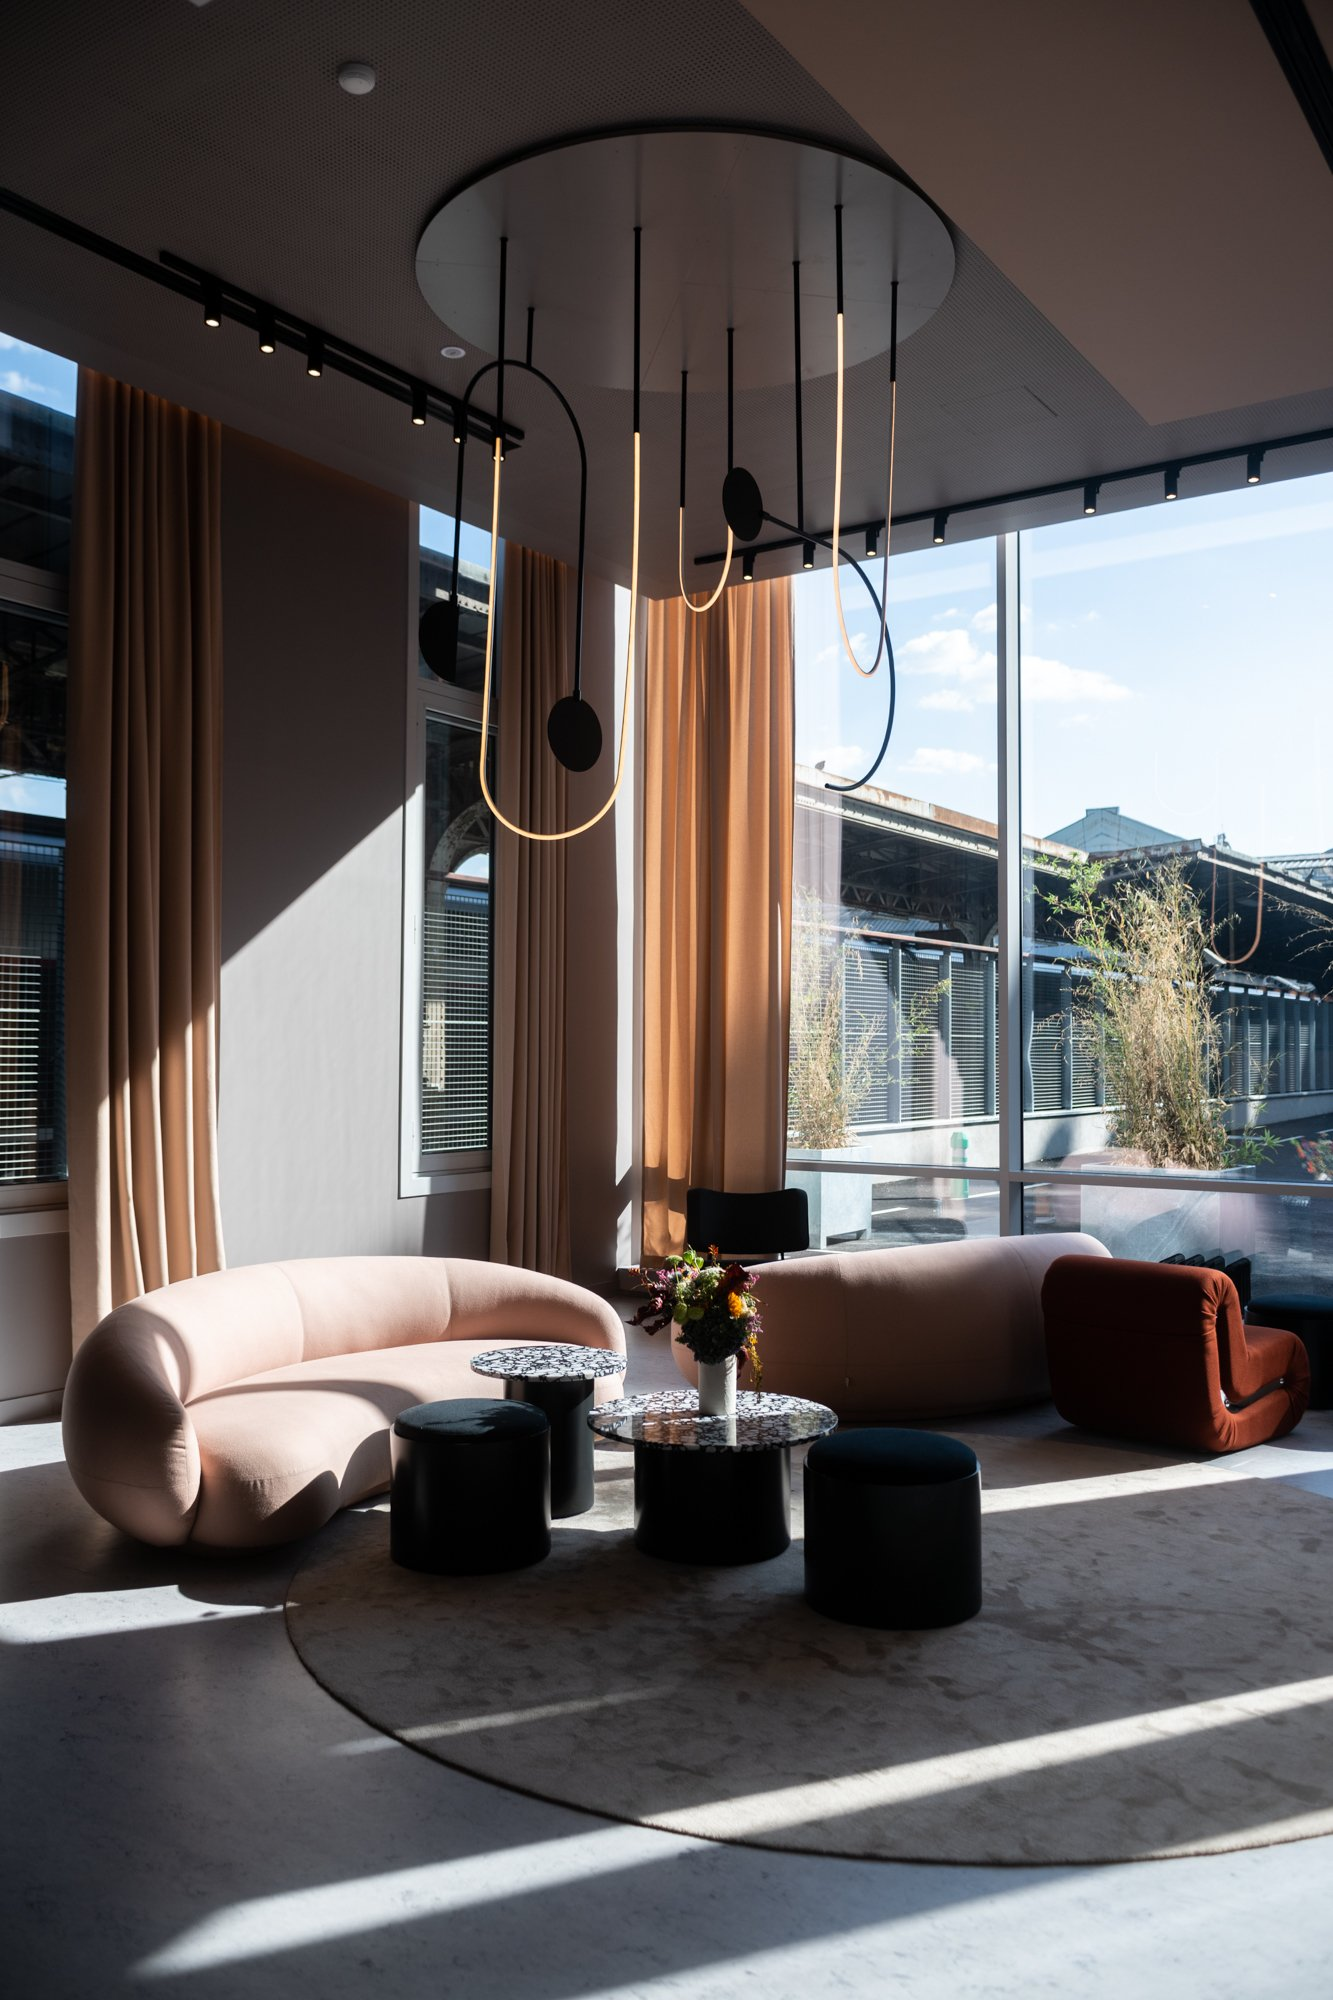 Adresse Paris Okko Hotels Gare de l'Est Club Design Studiopepe